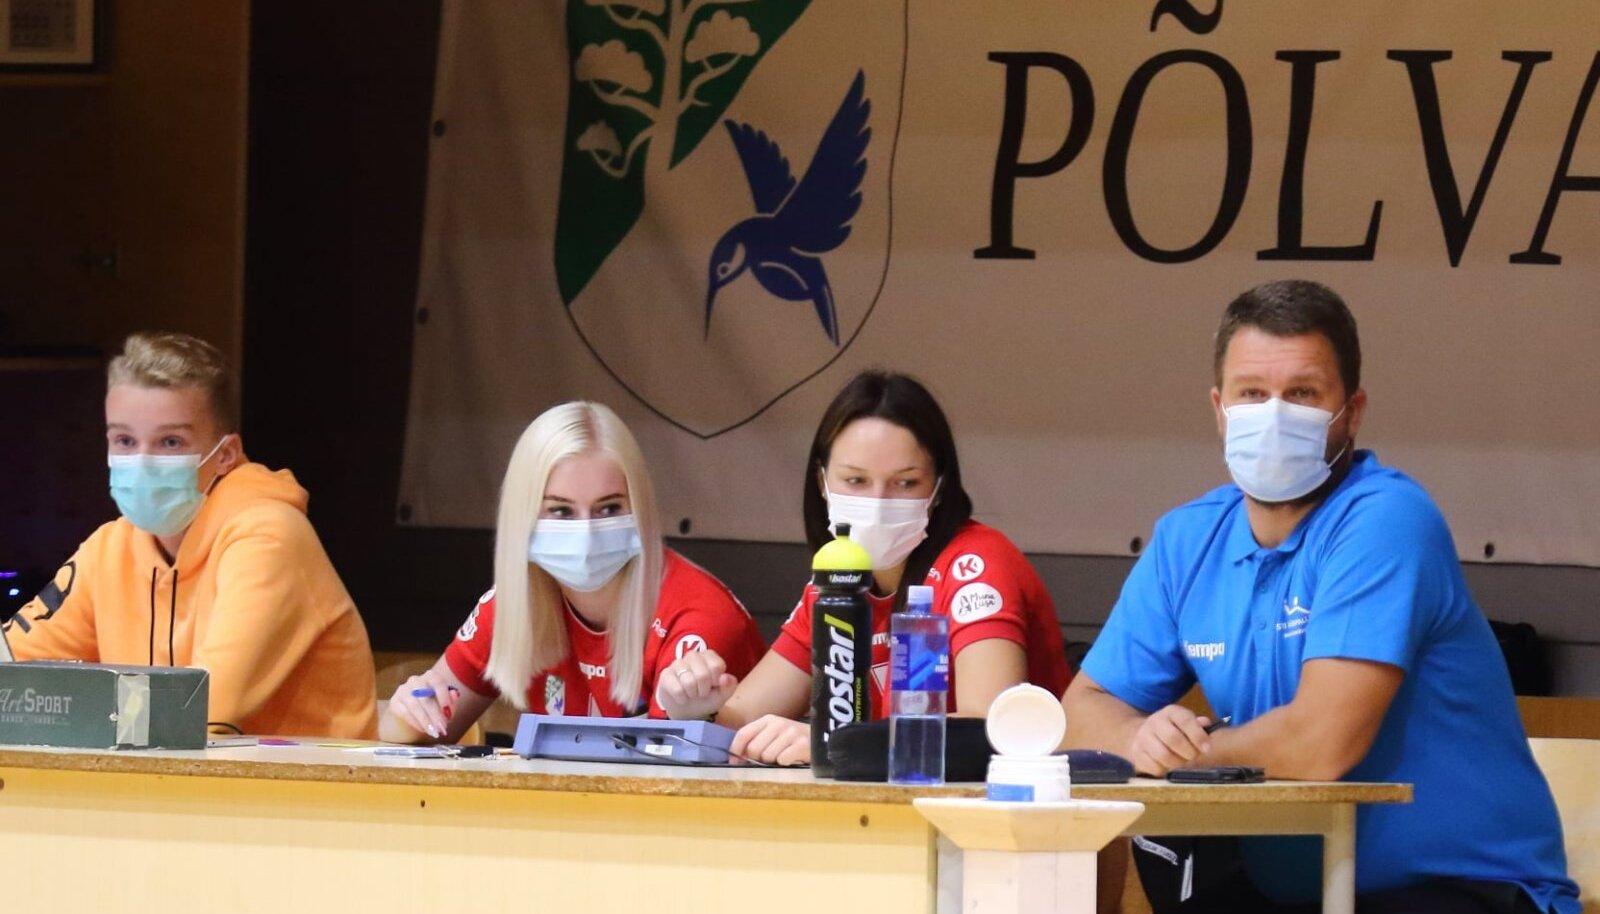 Urmo Sitsi (paremal) tegutseb delegaadina 2011. aastast. Järgmisel nädalal jälgib tema kullipilk EHF European Cup otsustavat finaali Ystads IF – Ateena AEK.